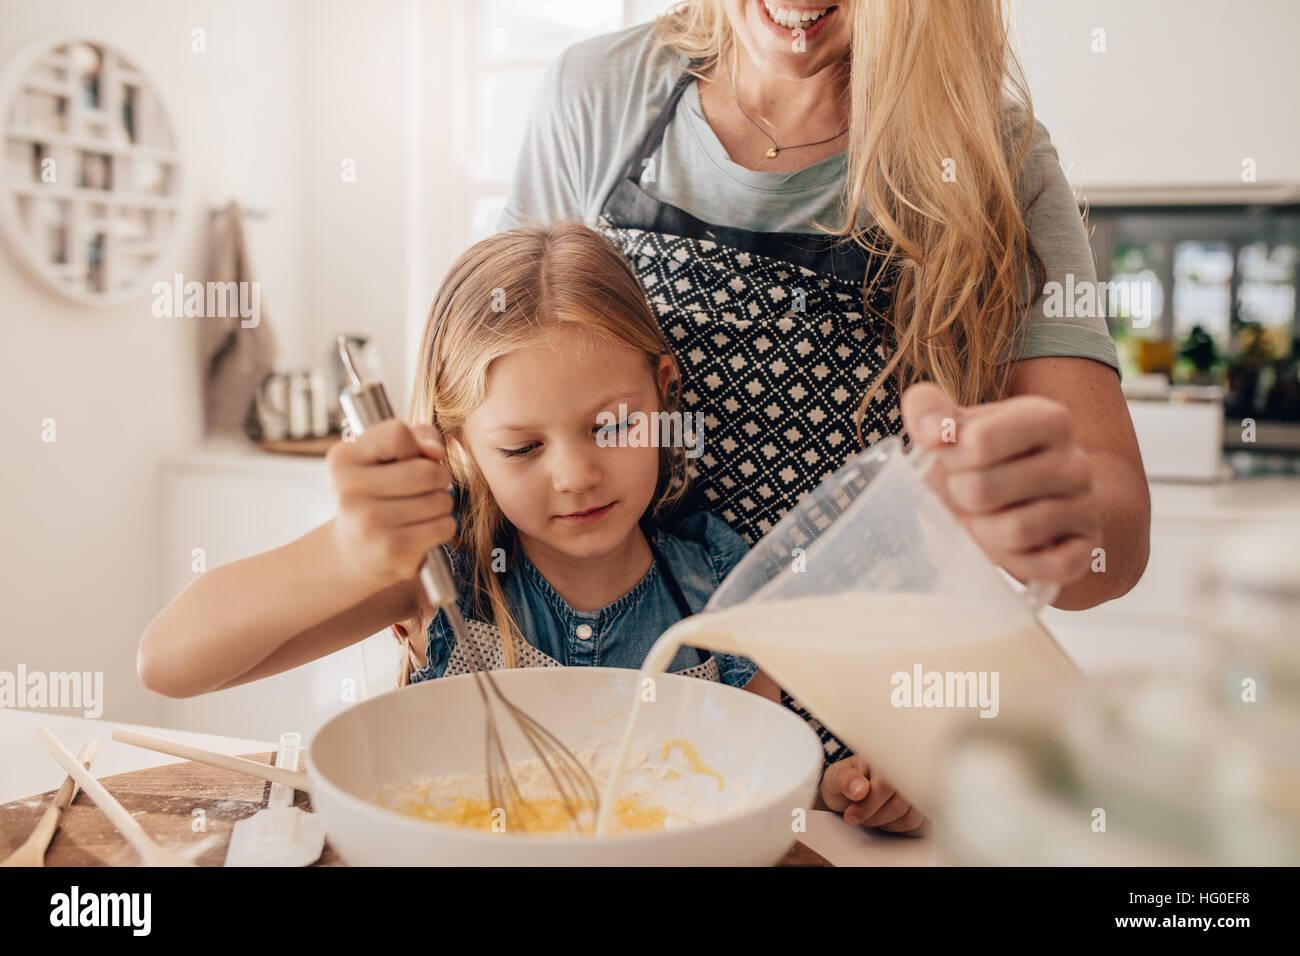 Niedliche kleine Mädchen und ihre Mutter Teig in der Schüssel mischen. Mutter Milch mit Tochter schlagen Stockbild